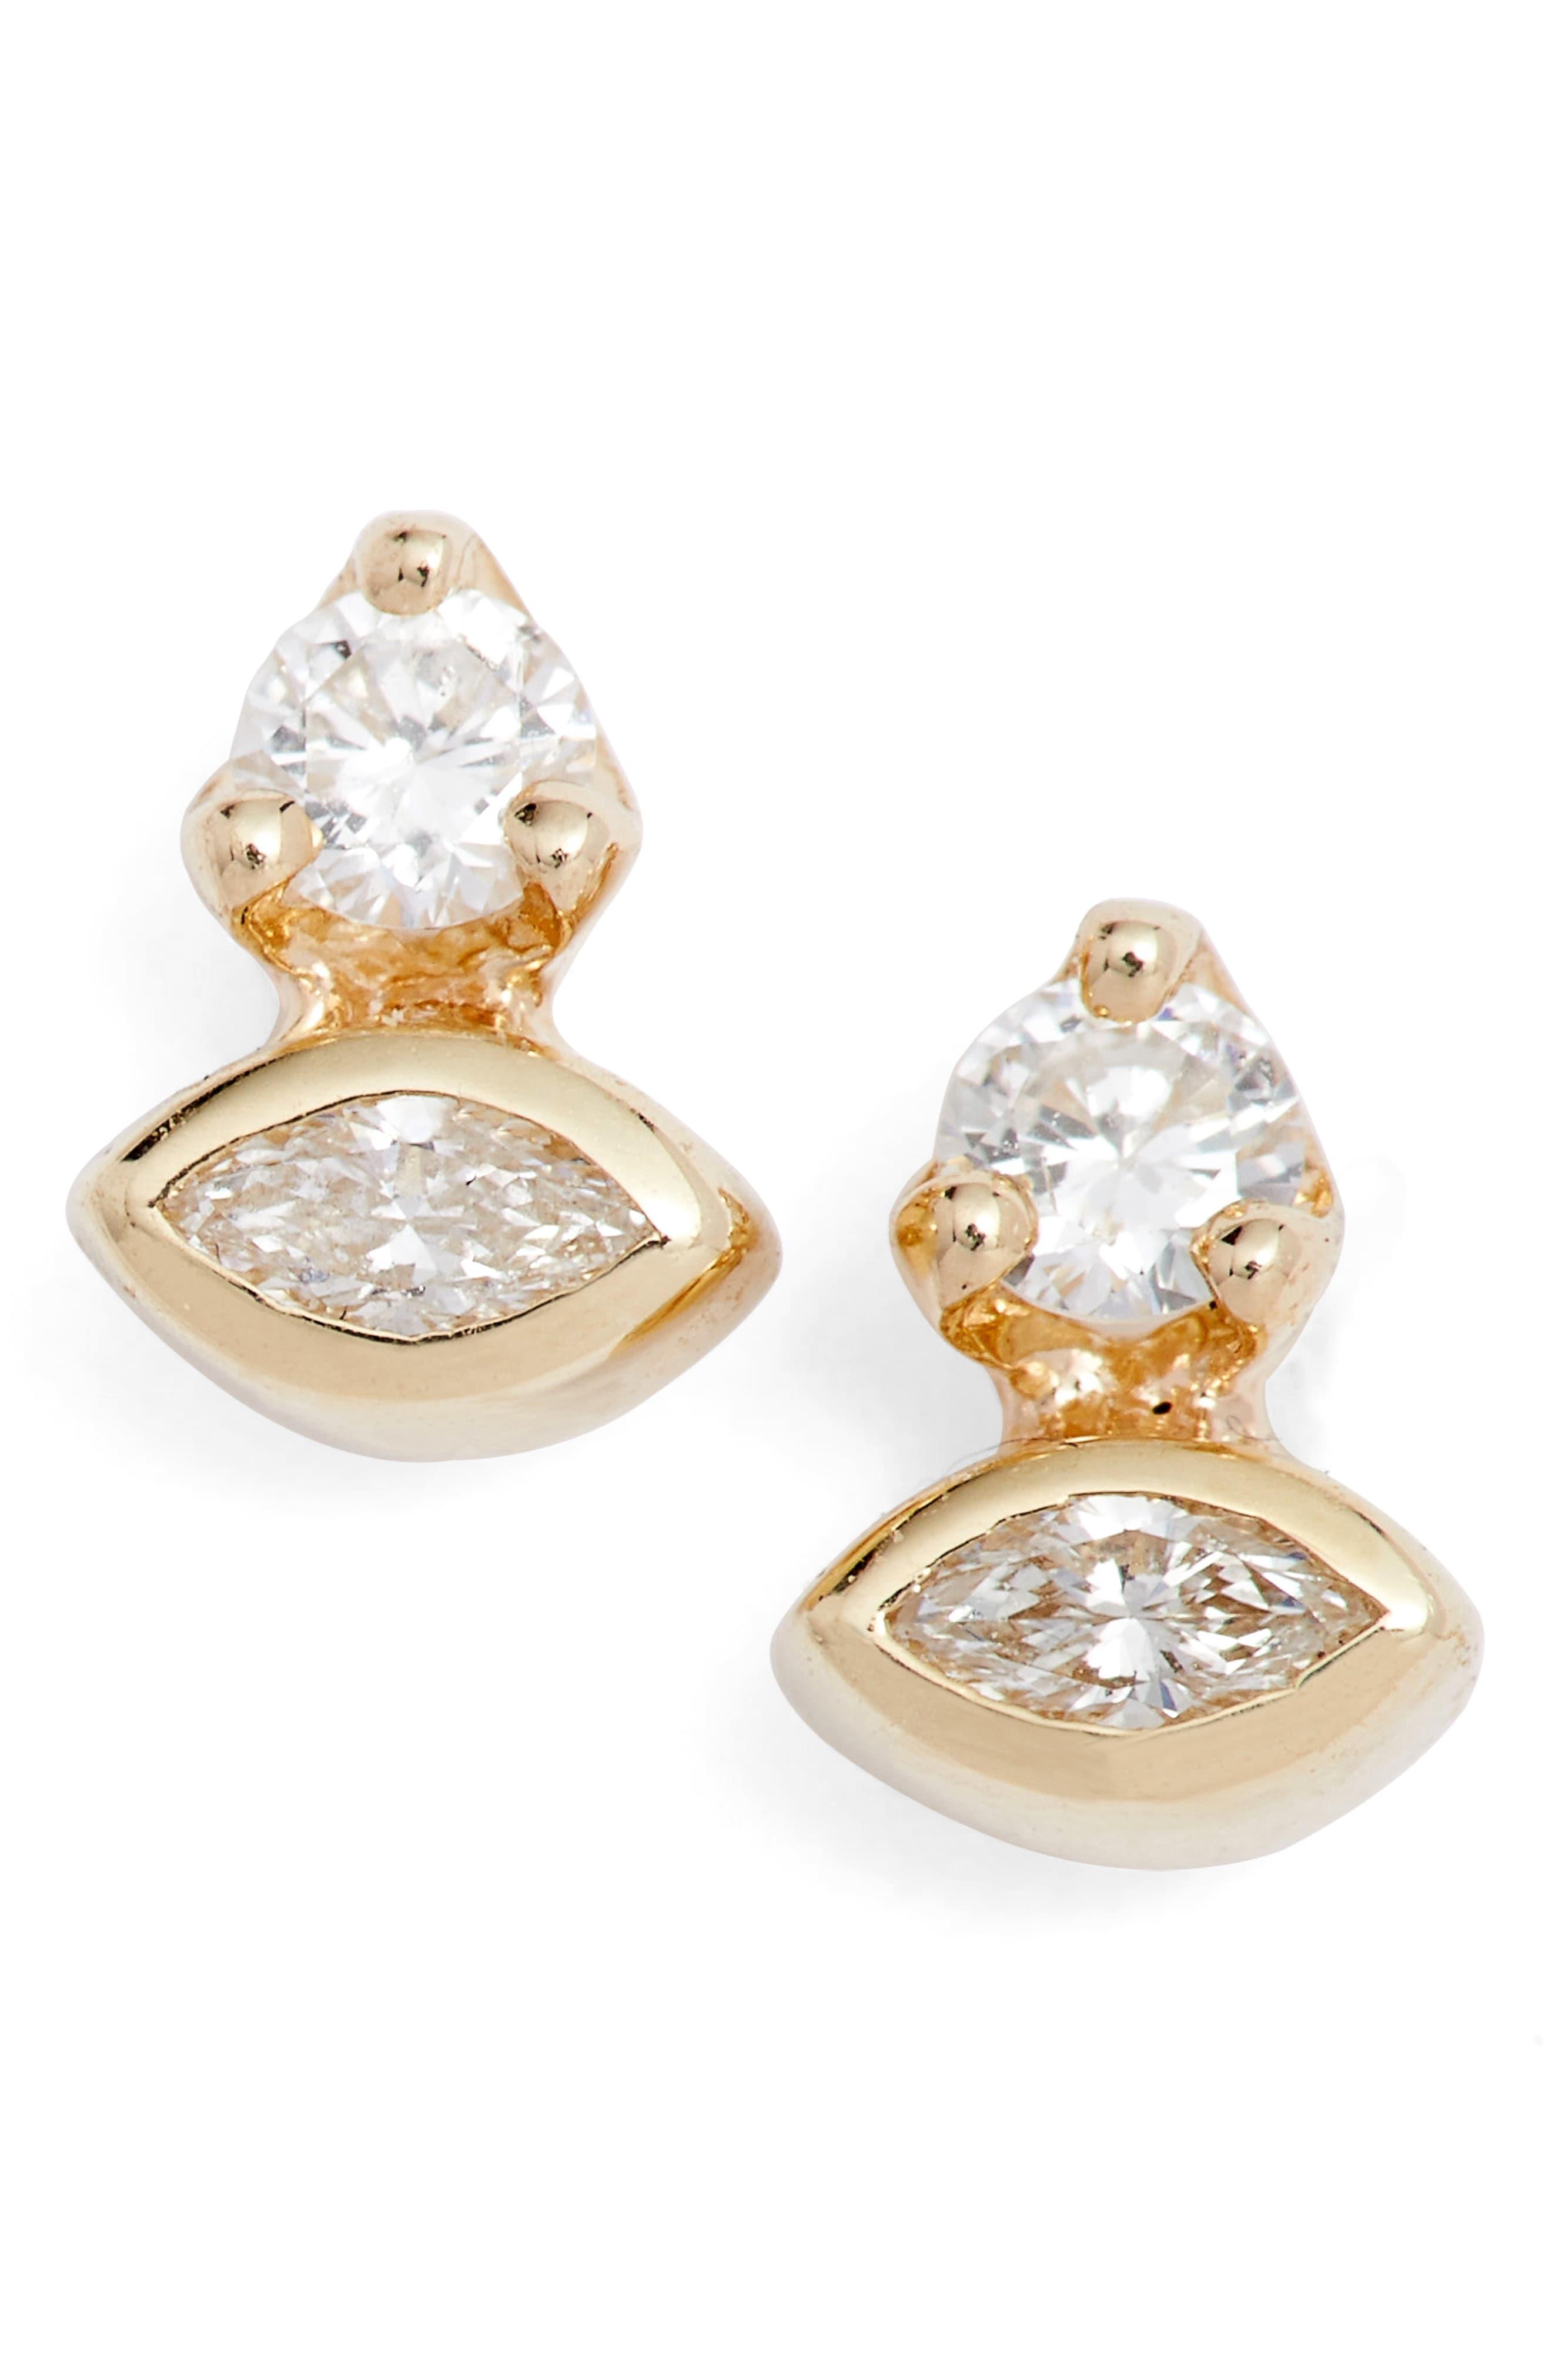 472b6d20dfbd7 Women's Zoë Chicco Diamond Cluster Stud Earrings (Nordstrom ...